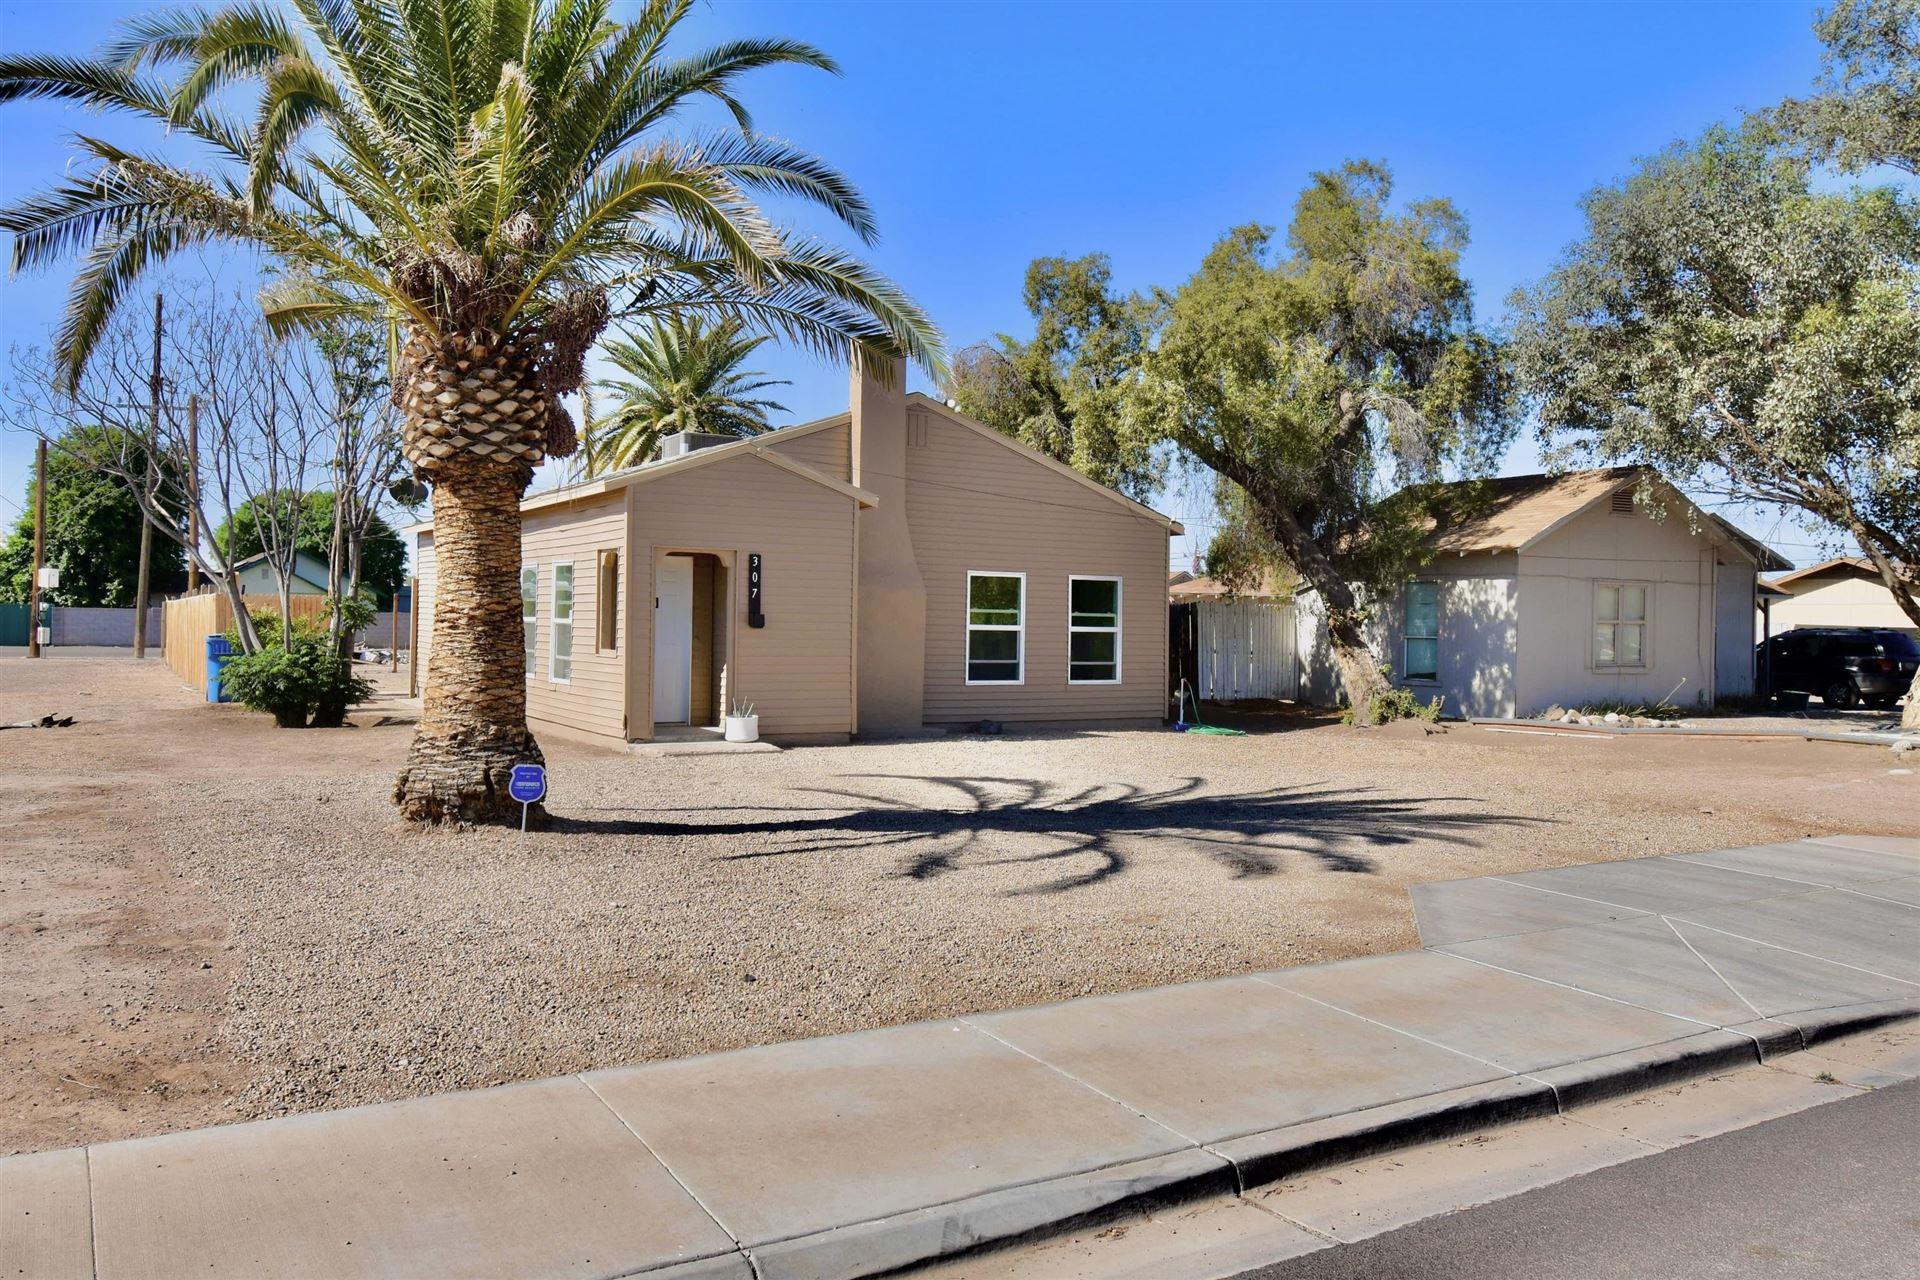 Photo of 307 E EASON Avenue, Buckeye, AZ 85326 (MLS # 6231978)